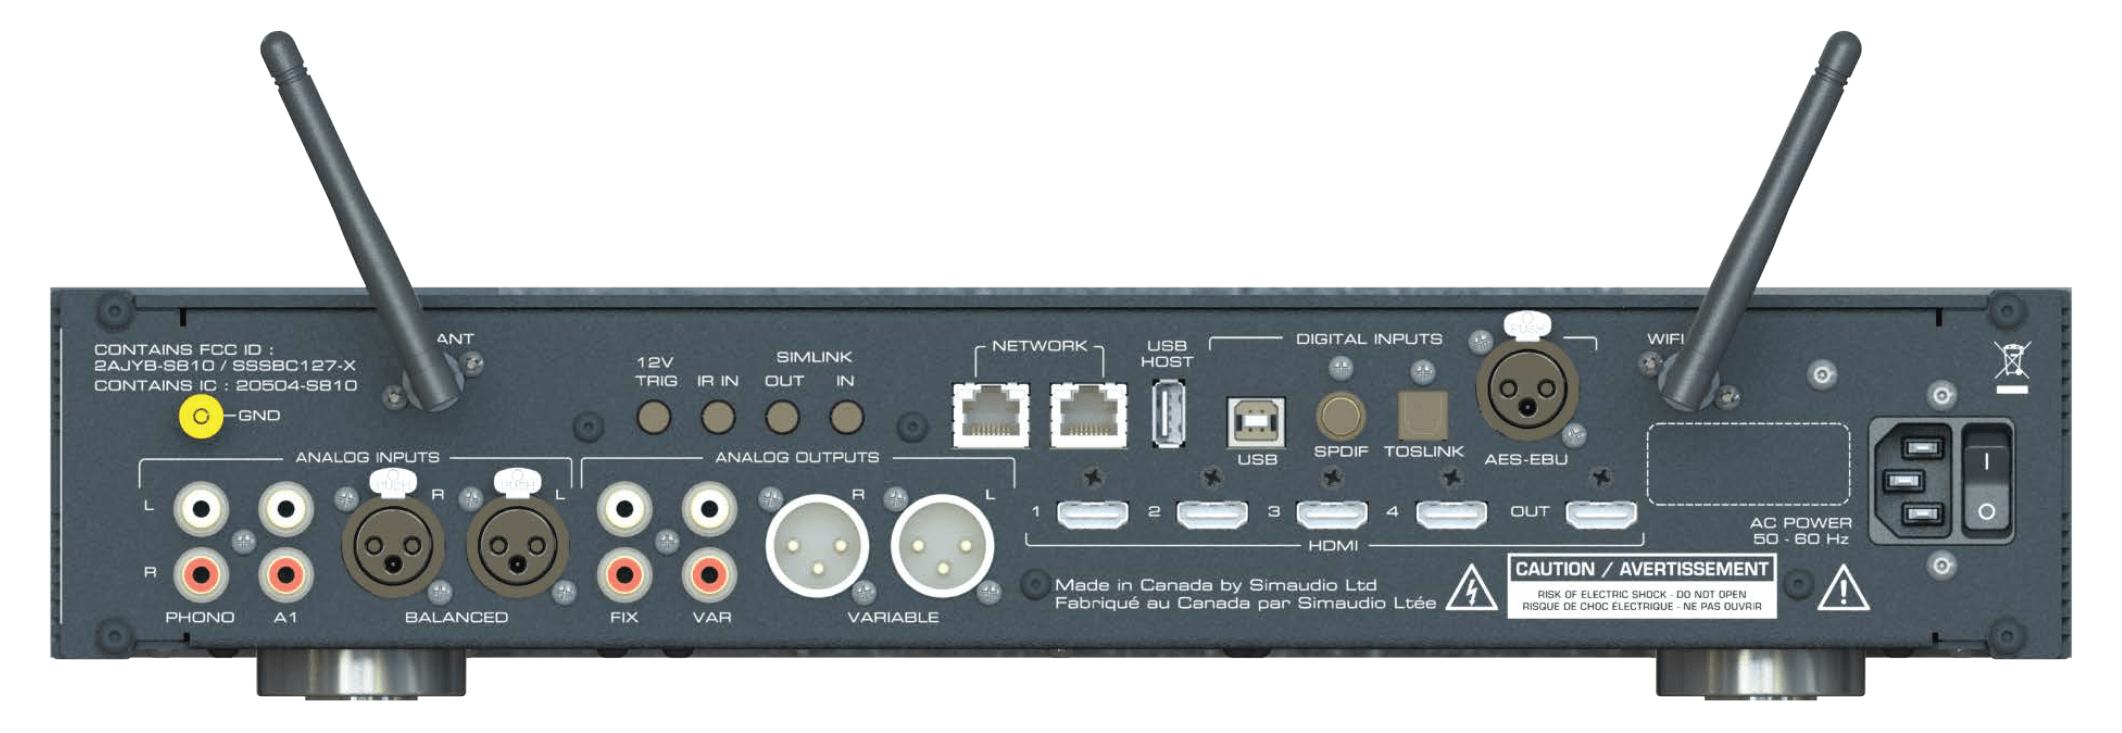 MOON 390